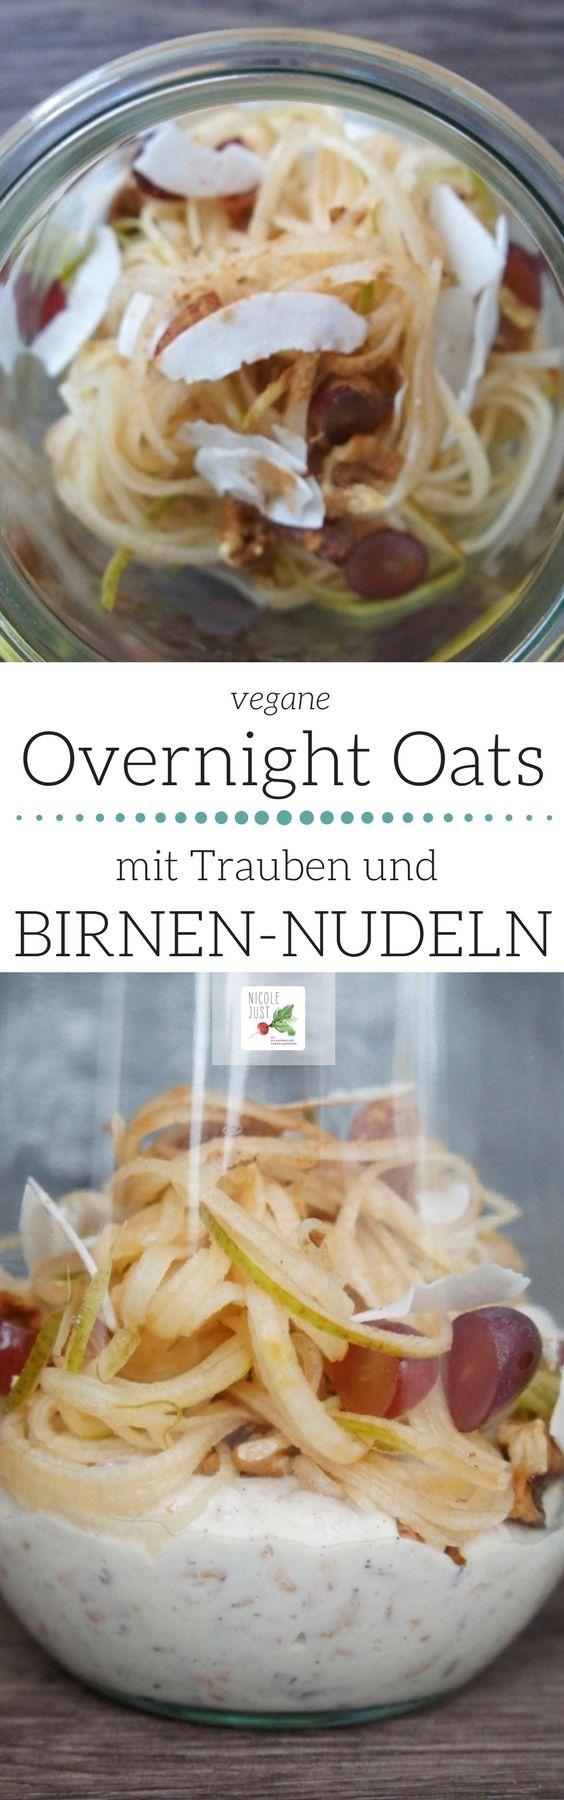 Overnight Oats - über Nacht eingeweichte Haferflocken und Birnen-Nudeln. Das Rezept zeigt, dass nicht nur Gemüse im Spiralschneider landen muss. | Rezept-Kategorie: gesund, vegan | Frühstücksrezepte